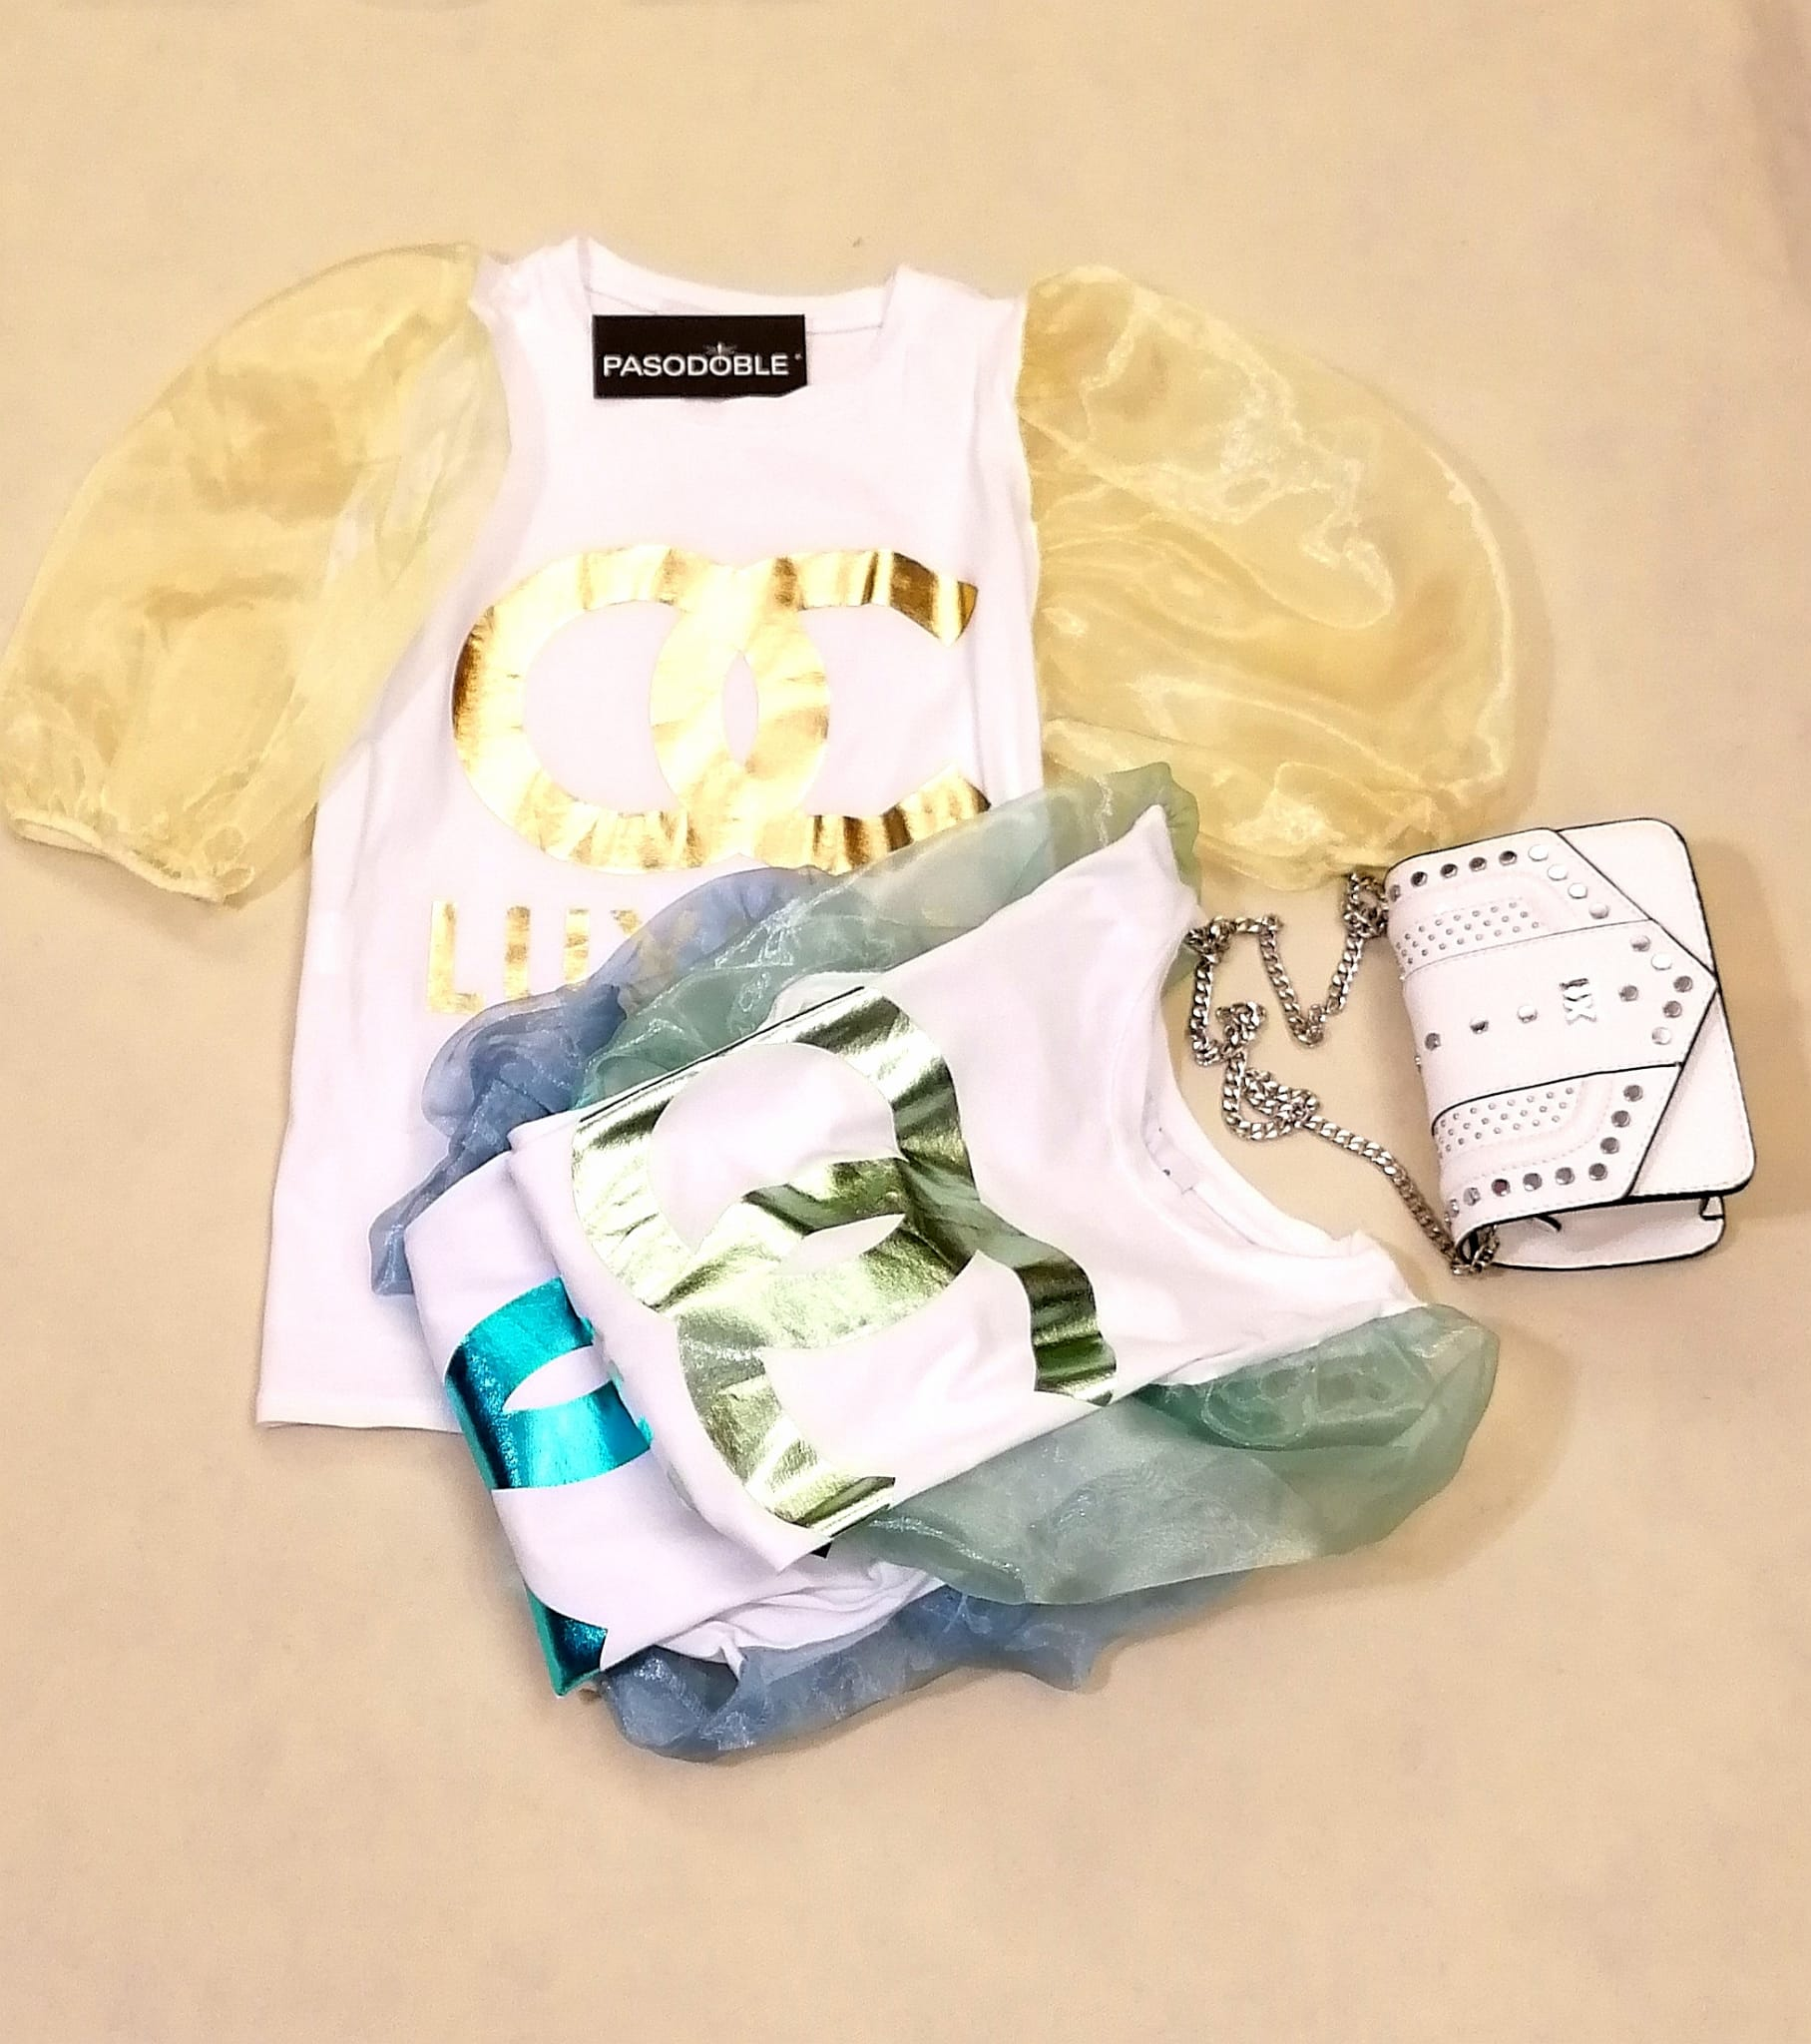 Camiseta algodón y licra con mangas abullonadas en Pasodoble Palencia